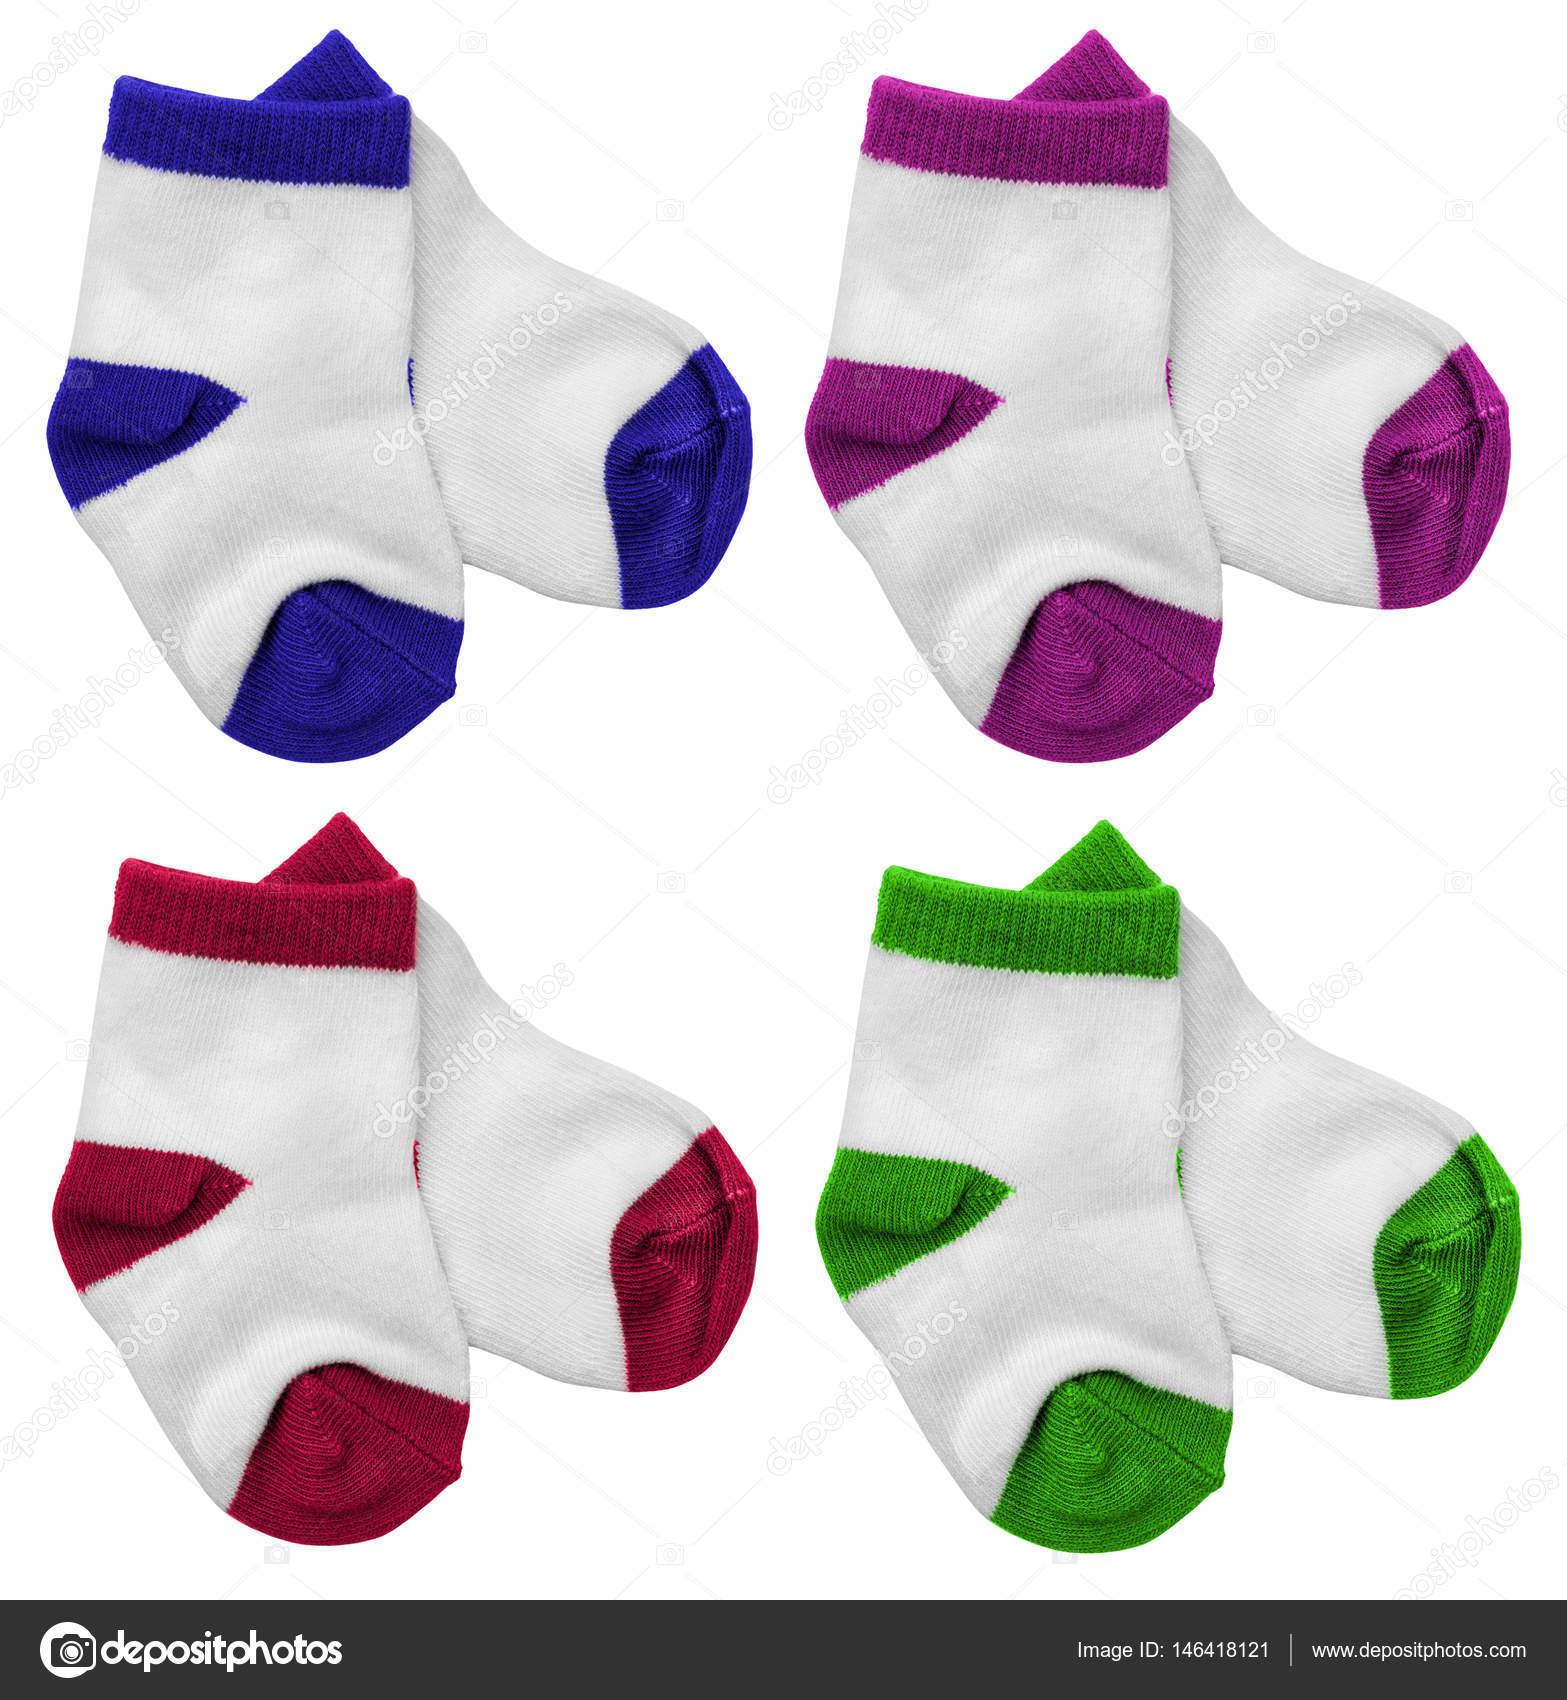 Πολύχρωμες Παιδικές κάλτσες απομονωθεί σε λευκό φόντο — Φωτογραφία Αρχείου b0877a848ba